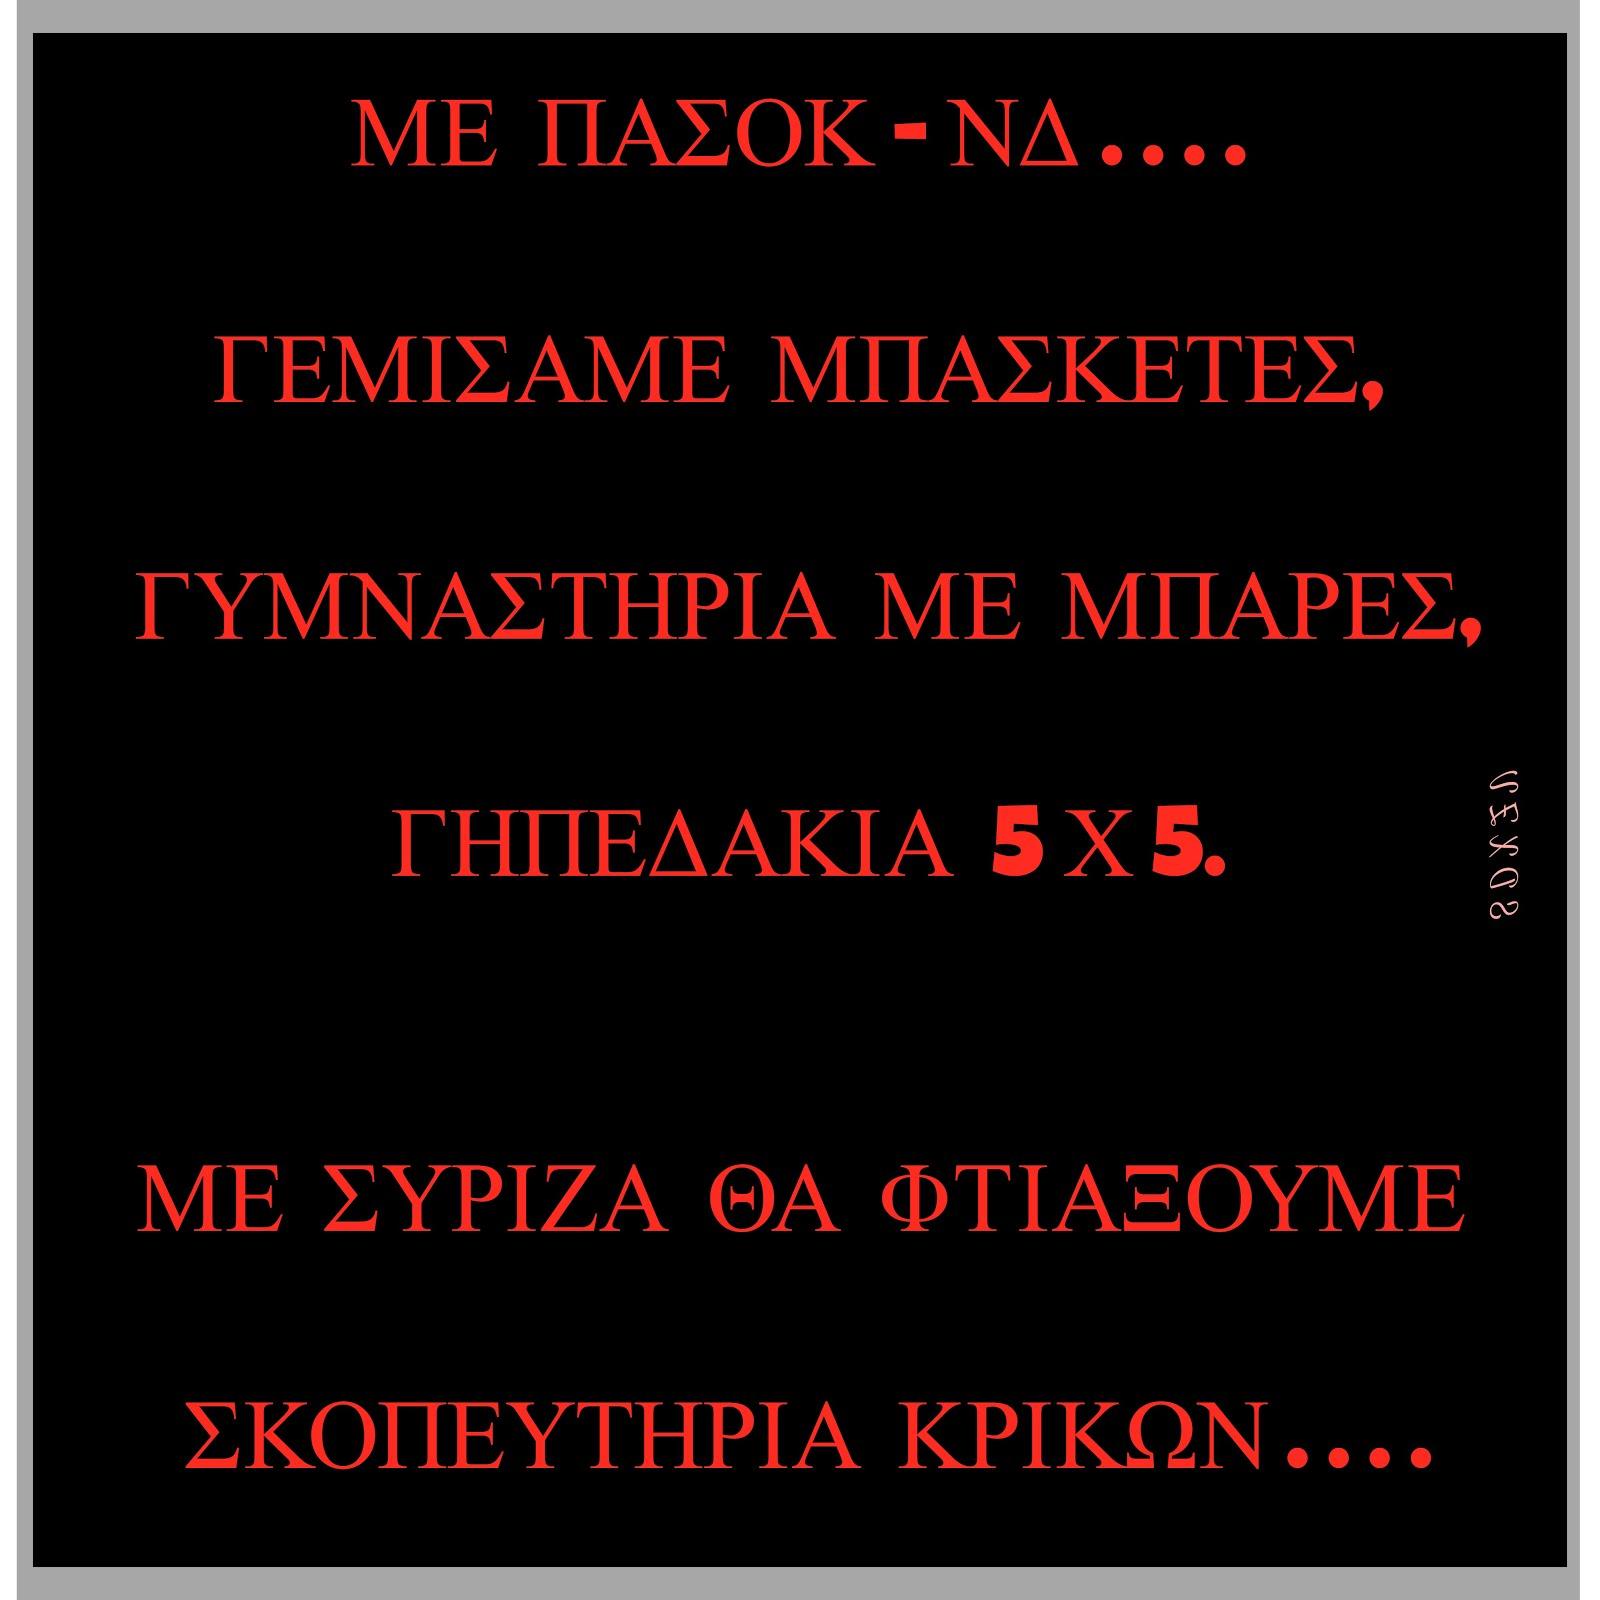 Ο ΣΥΡΙΖΑ φτιάχνει σκοπευτήρια.....κρίκων !!